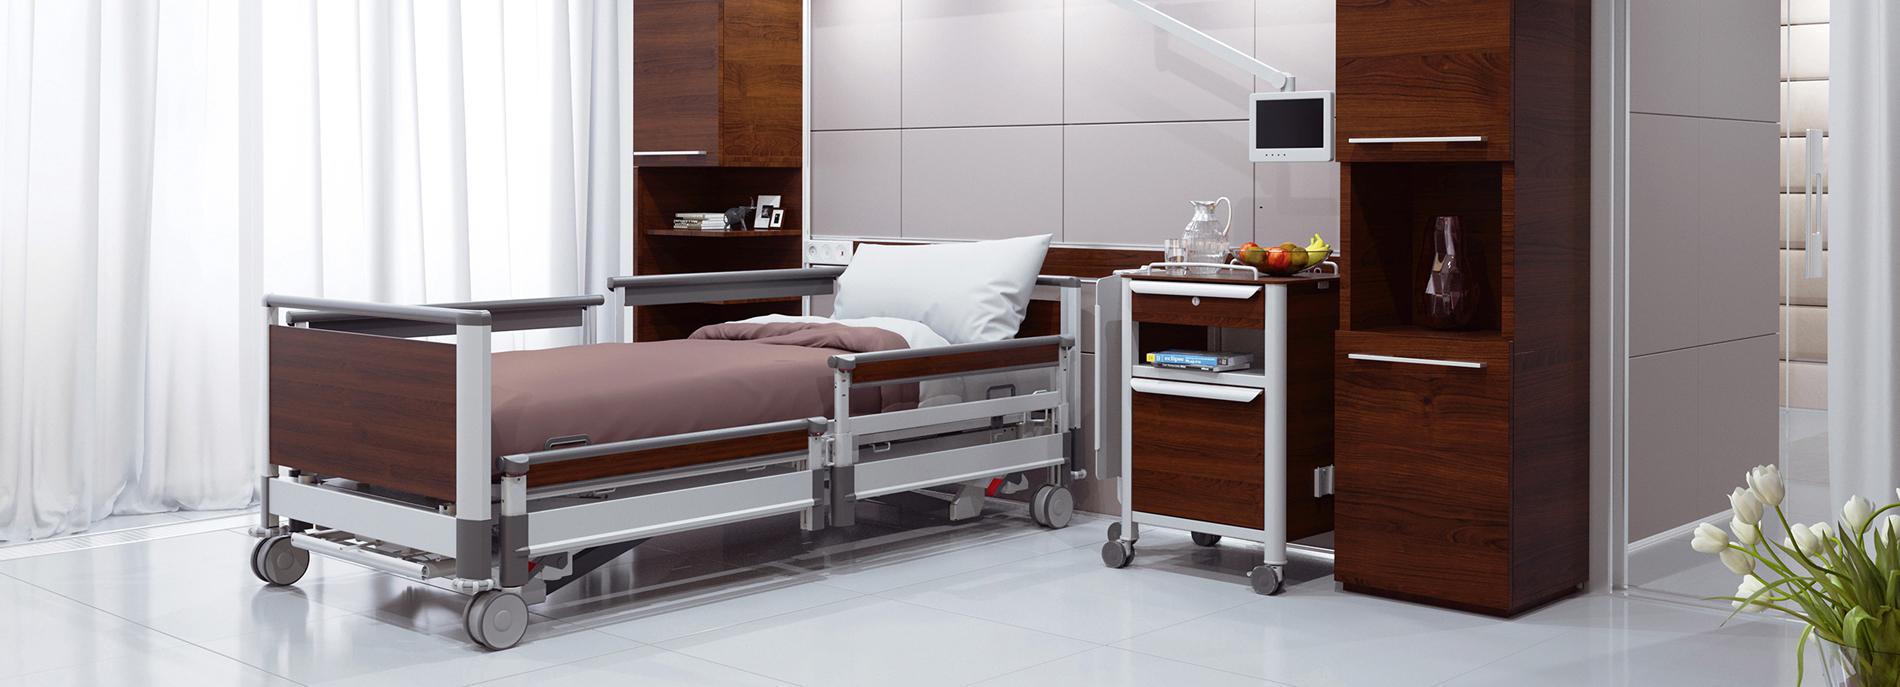 Krankenhausbett Image 3